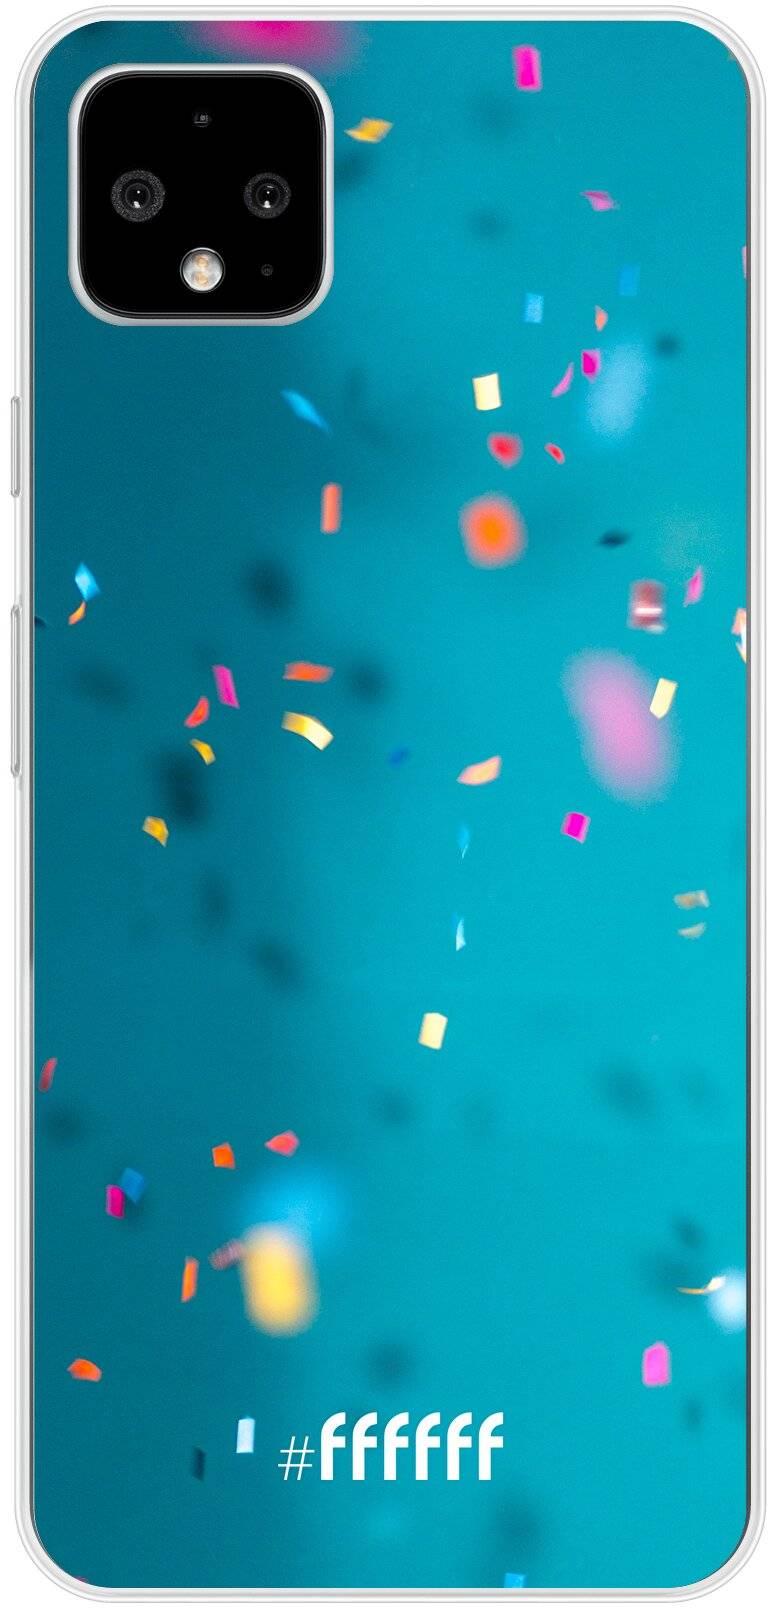 Confetti Pixel 4 XL